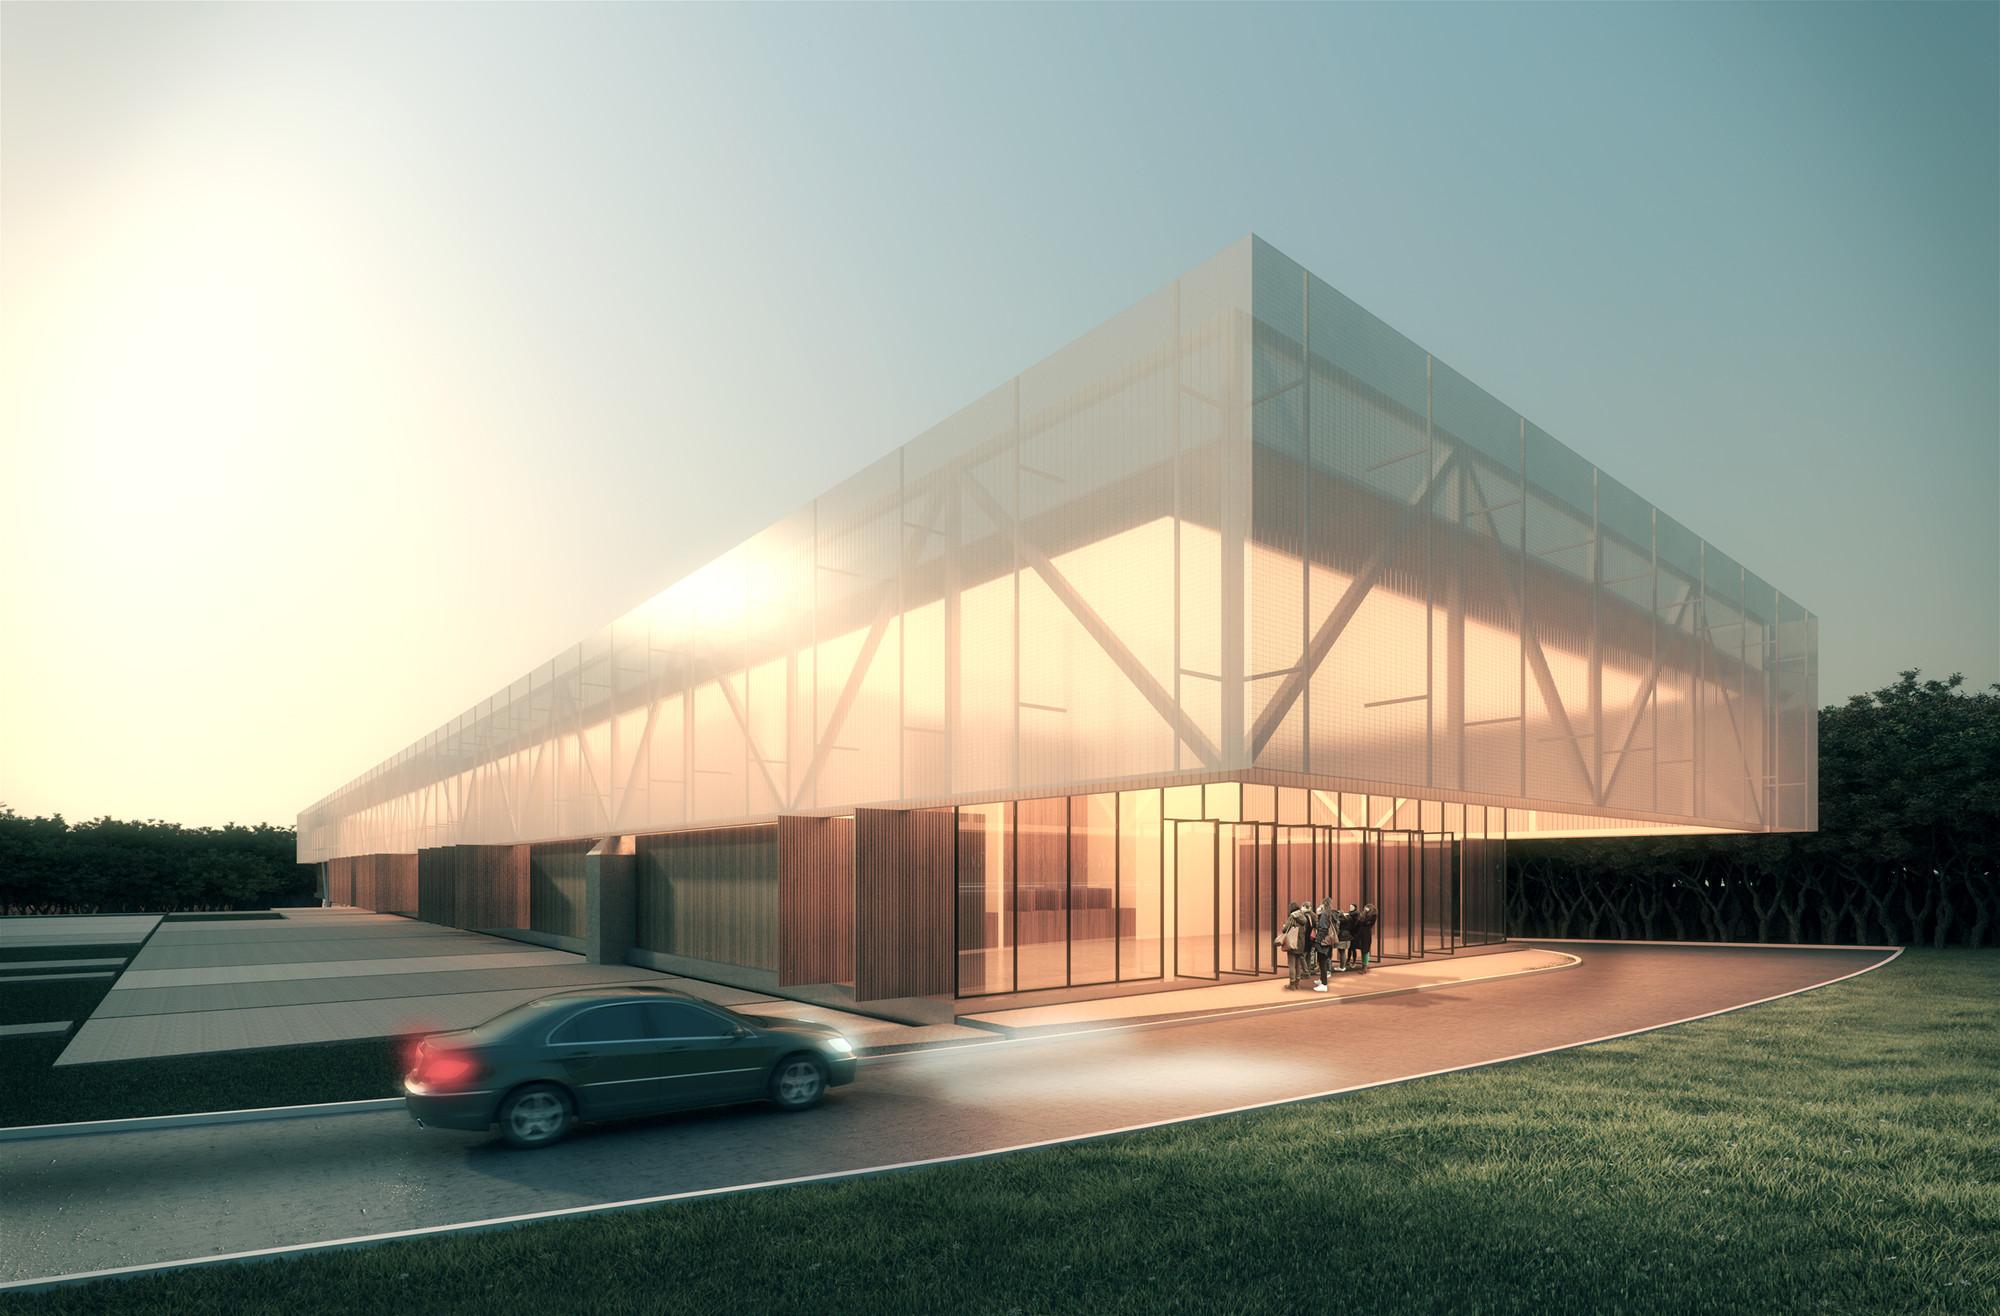 Proposta vencedora para o Centro Cultural de Eventos e Exposições em Nova Friburgo  / Estúdio 41, Courtesy of Estúdio 41